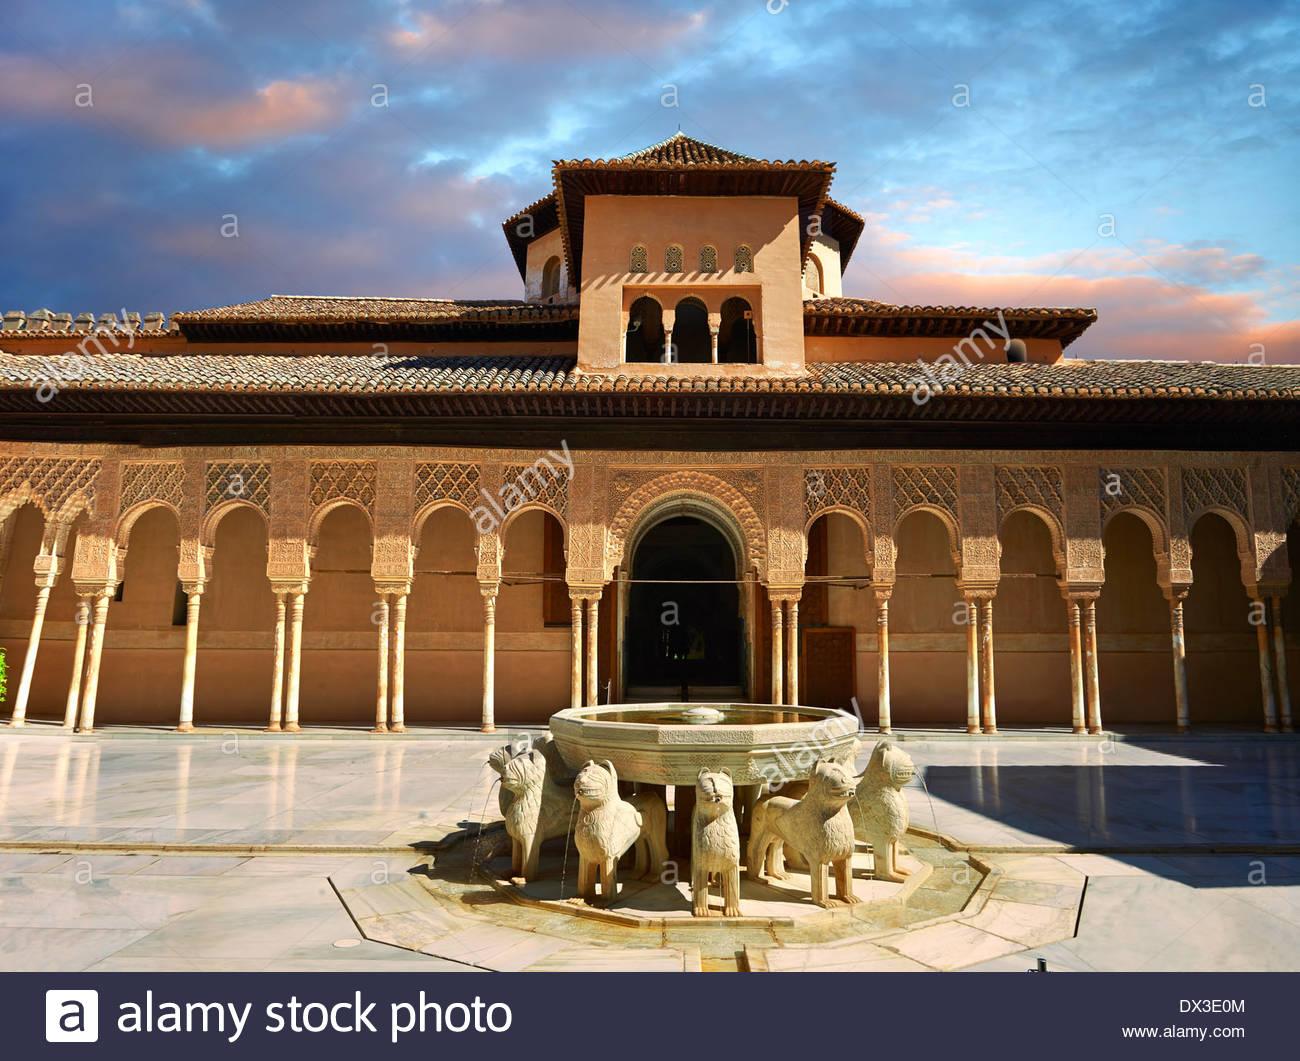 Arabesque architettura moresca del Patio de Los Leones (Corte dei leoni) , Palacios Nazaries, Alhambra. Granada, Spagna Immagini Stock